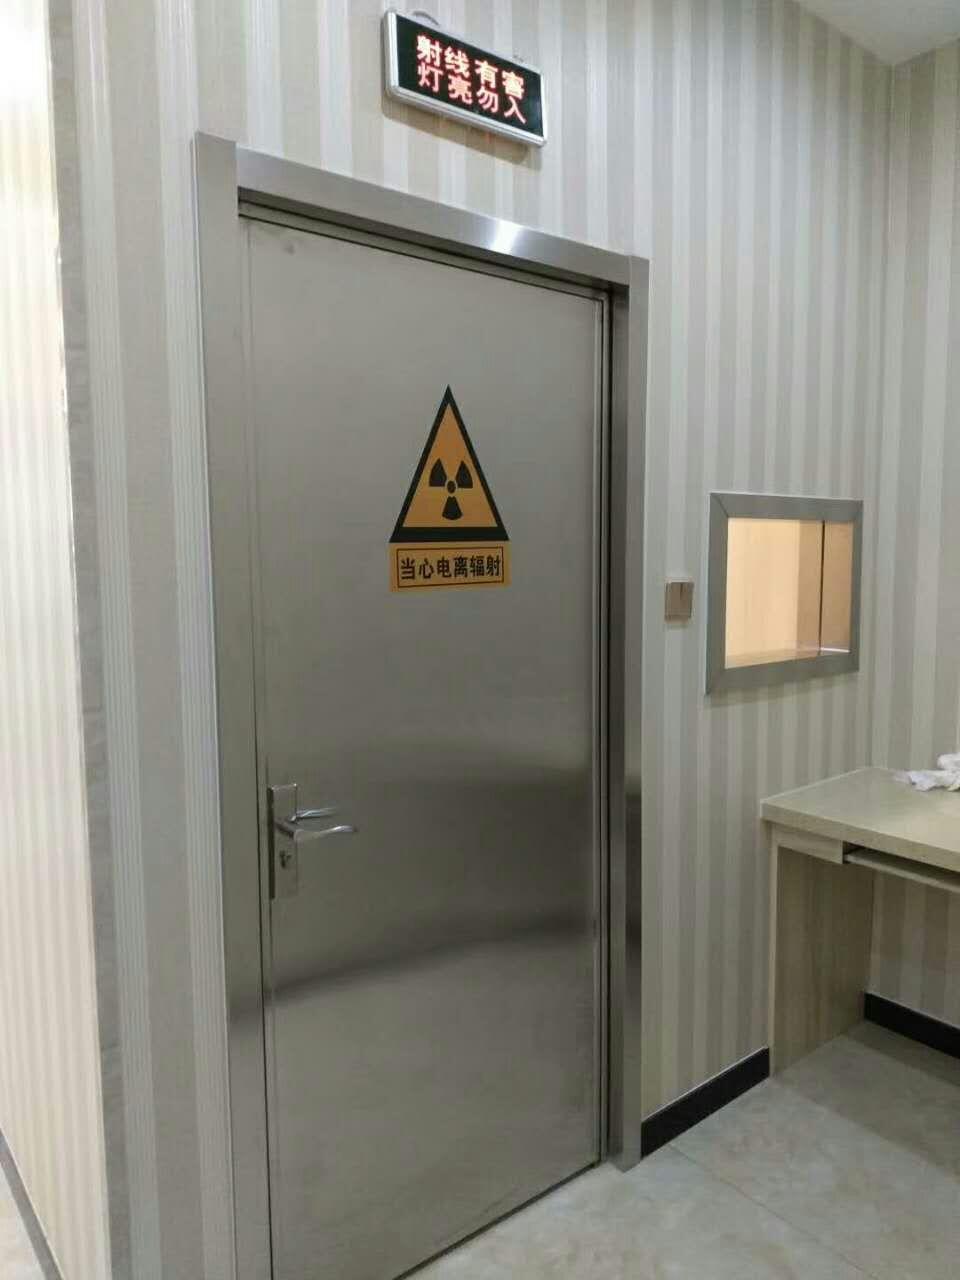 吉林防护铅门安装施工技术指导